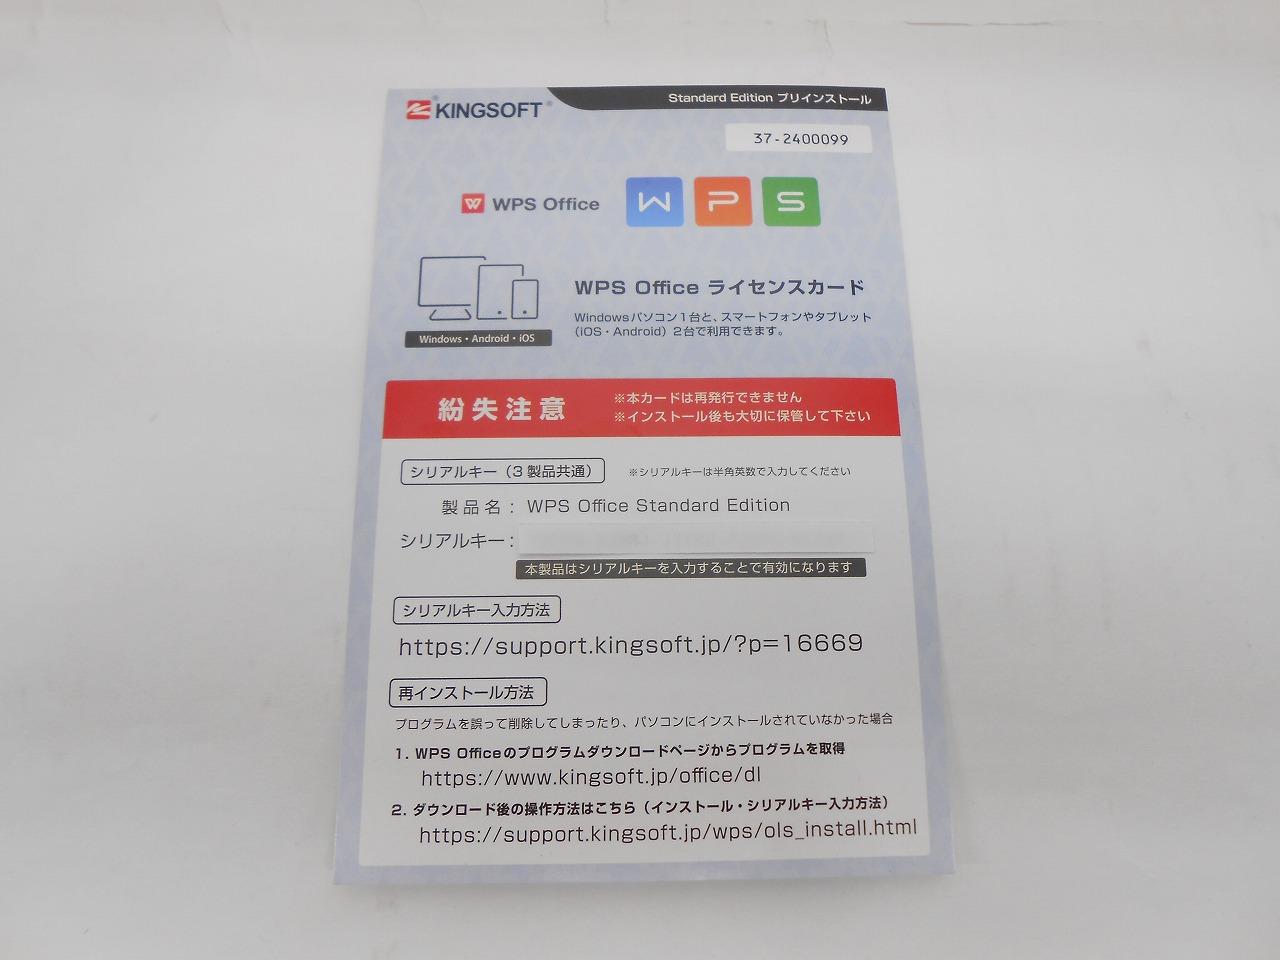 【決算セール】【中古】 dynabook UX53/FS/2017年モデル/Corei5 8250U 1.6GHz/メモリ8GB/SSD128GB/13インチ/Windows10Home【3ヶ月保証】【足立店発送】